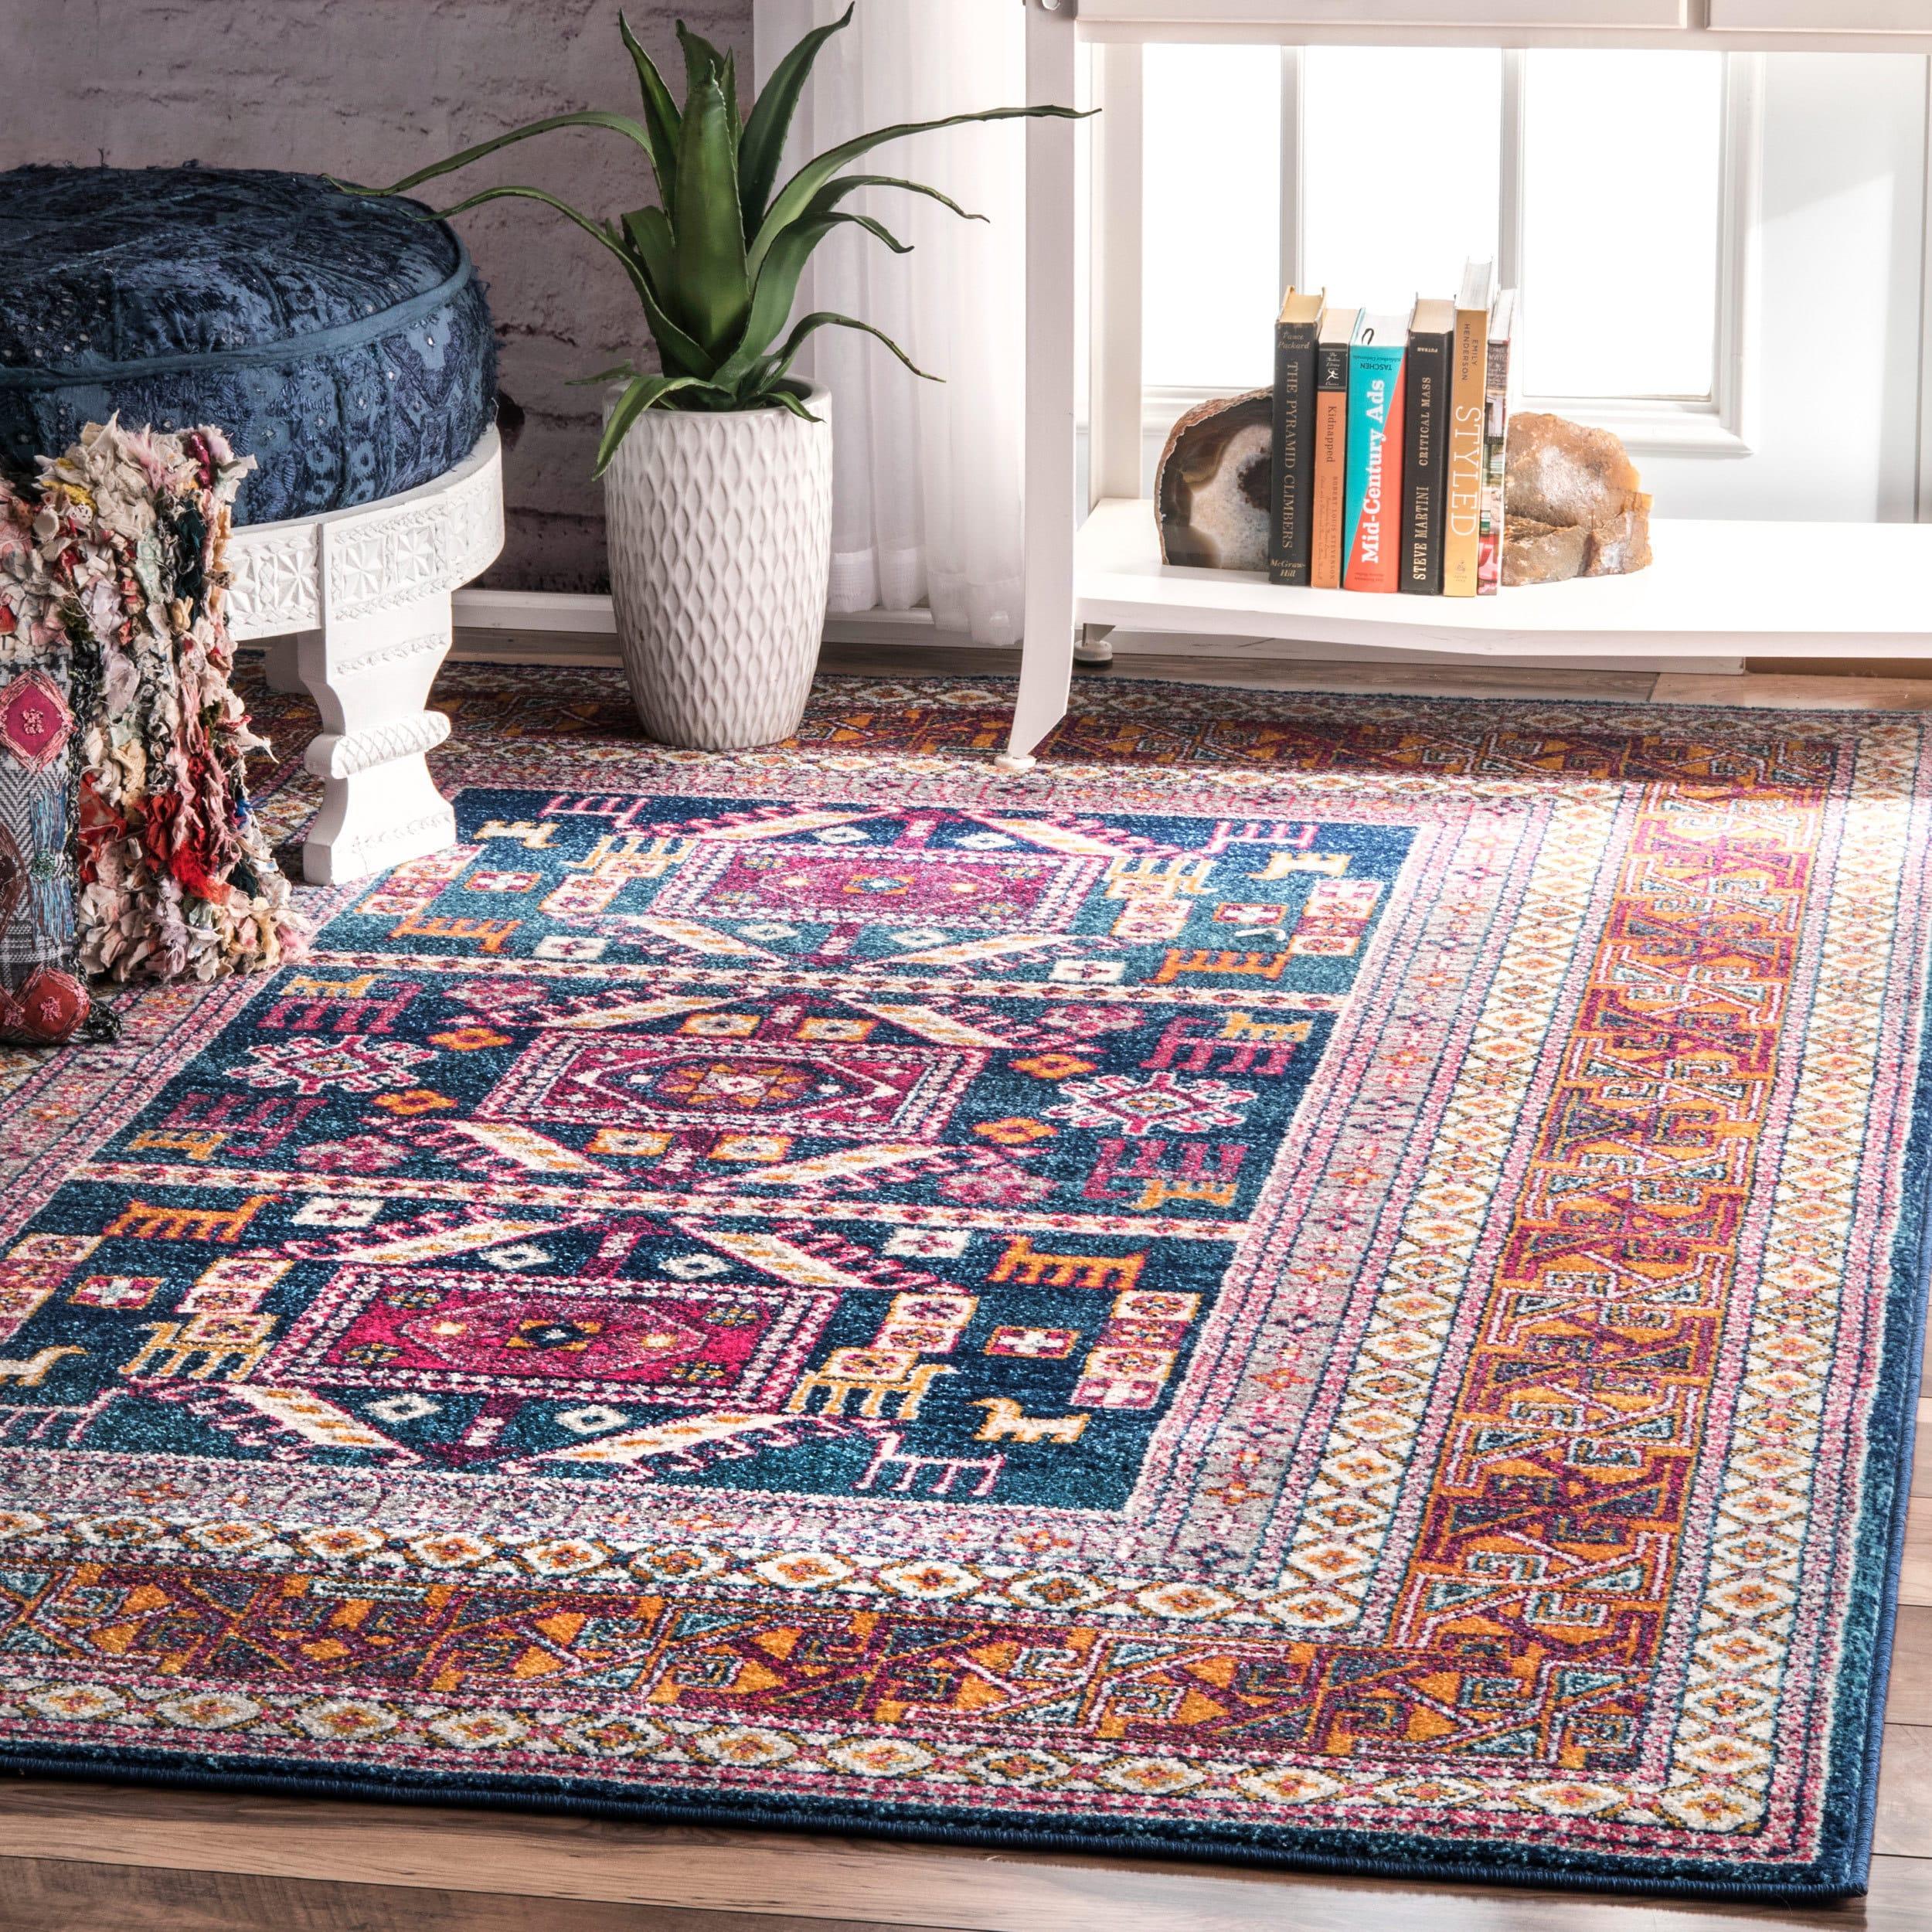 c bohemian turkish il vintage rug handmade fullxfull area rose rugs wool